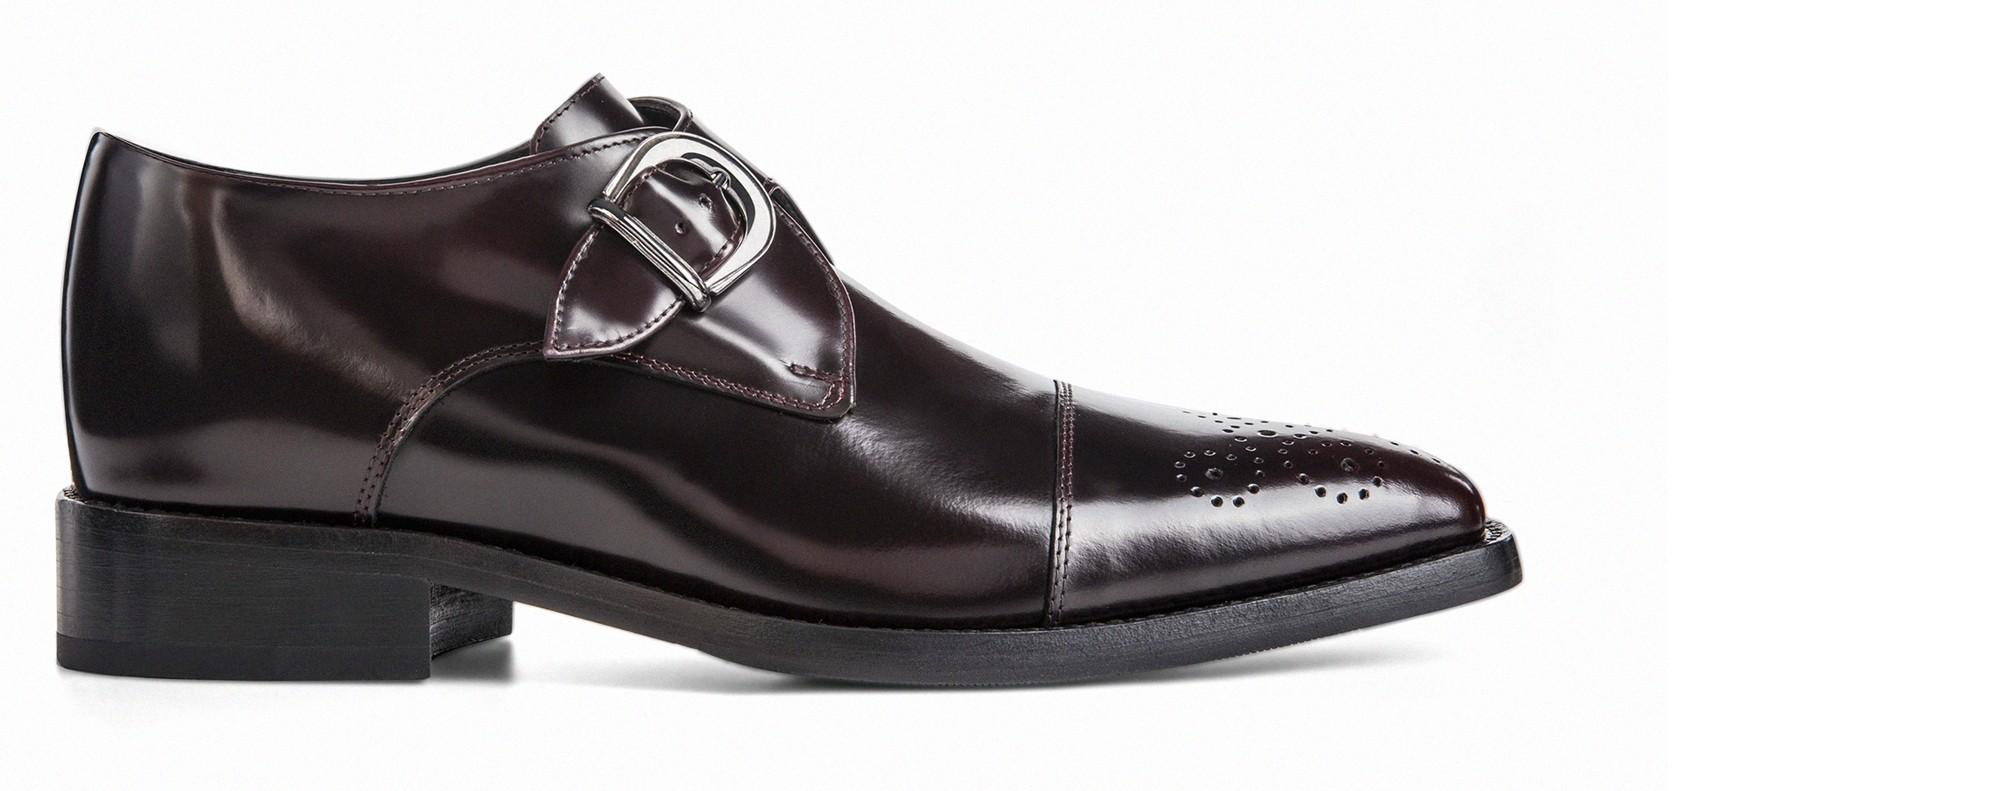 Burnaby scarpe con rialzo